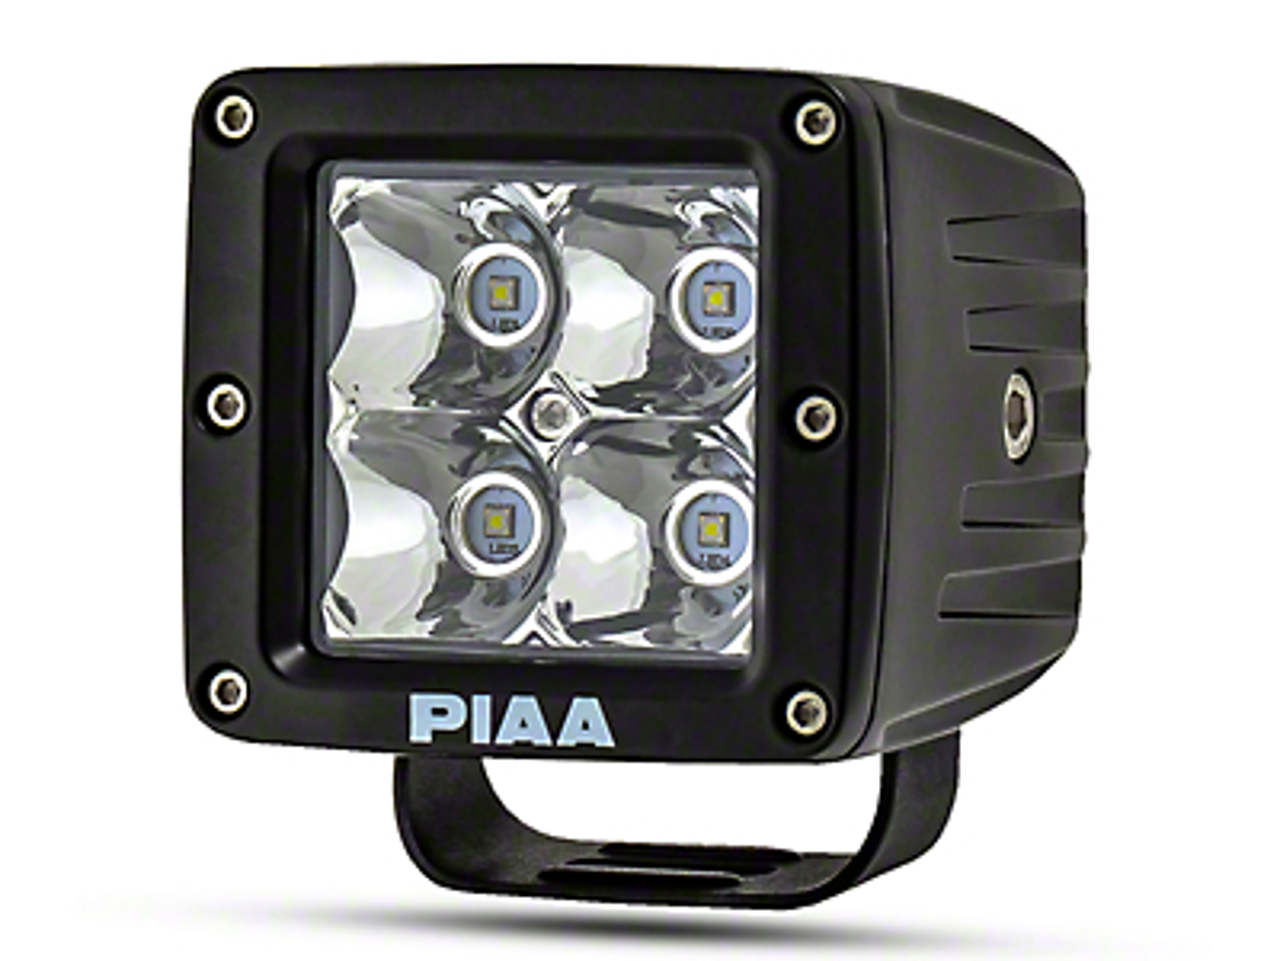 PIAA 3 in. Quad Series LED Cube Light - Spot Beam